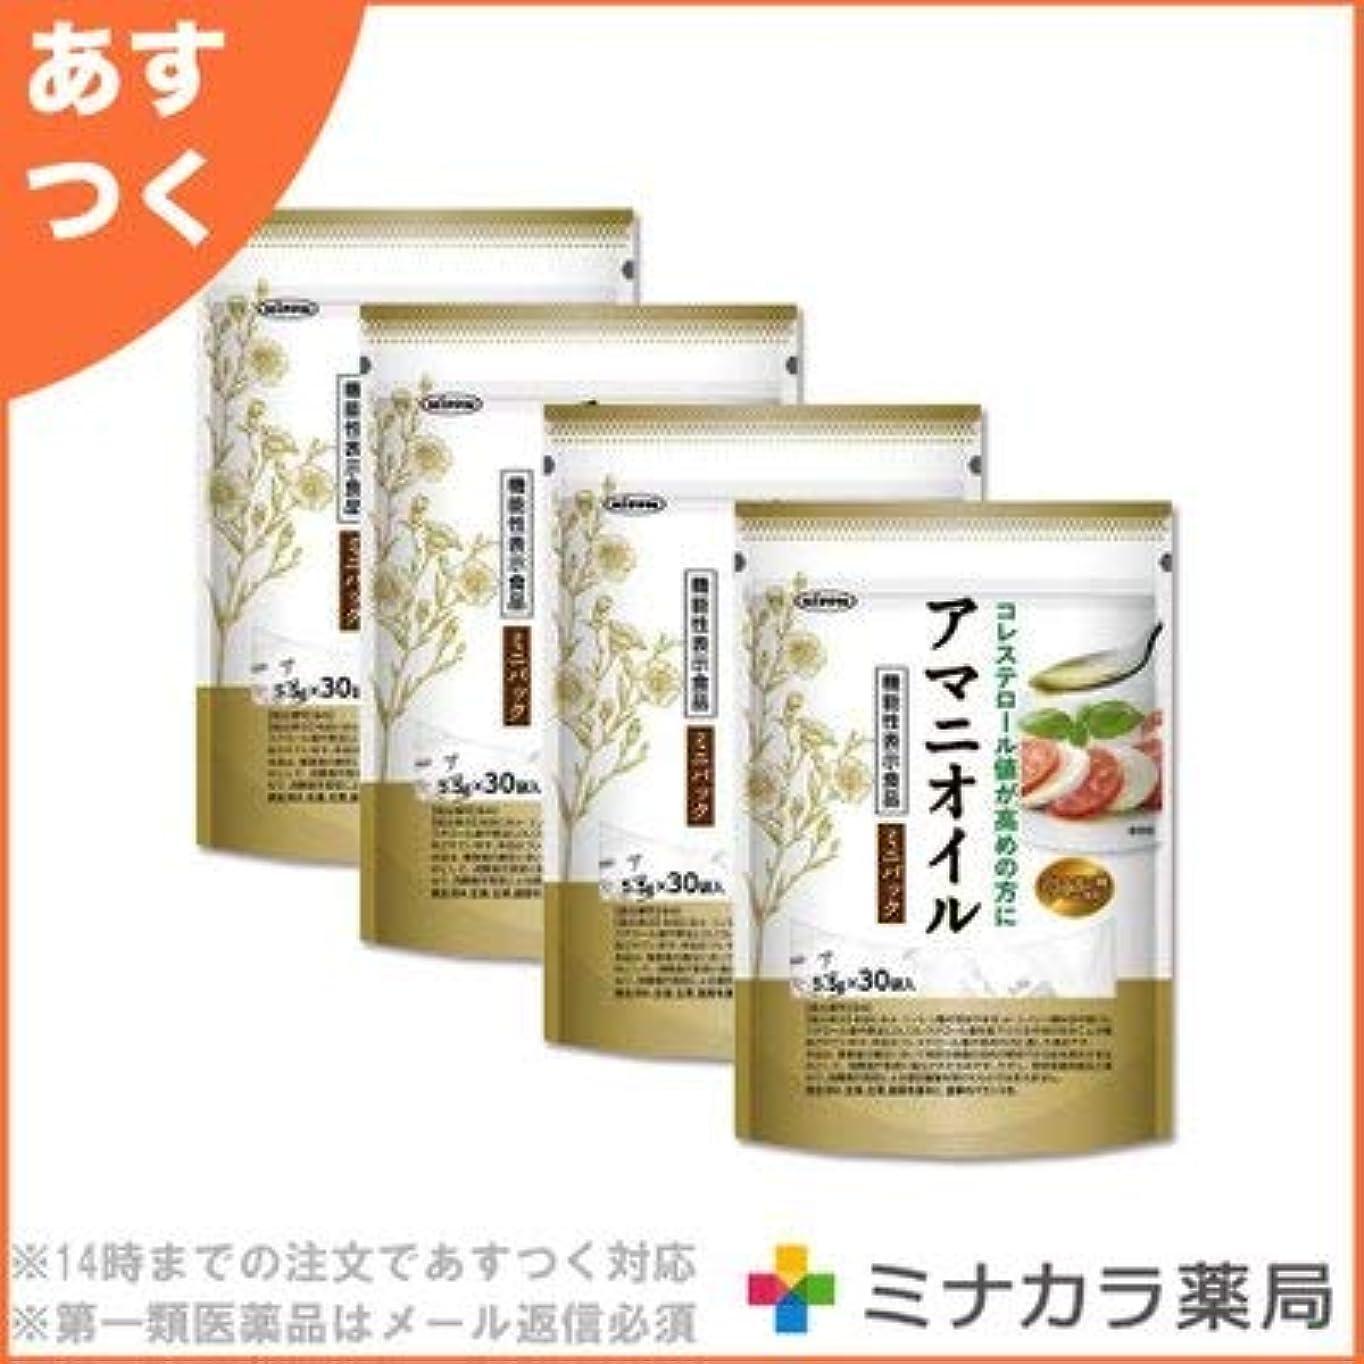 話コントローラクラフト日本製粉 アマニオイル ミニパック 5.5g×30 (機能性表示食品)×4個セット